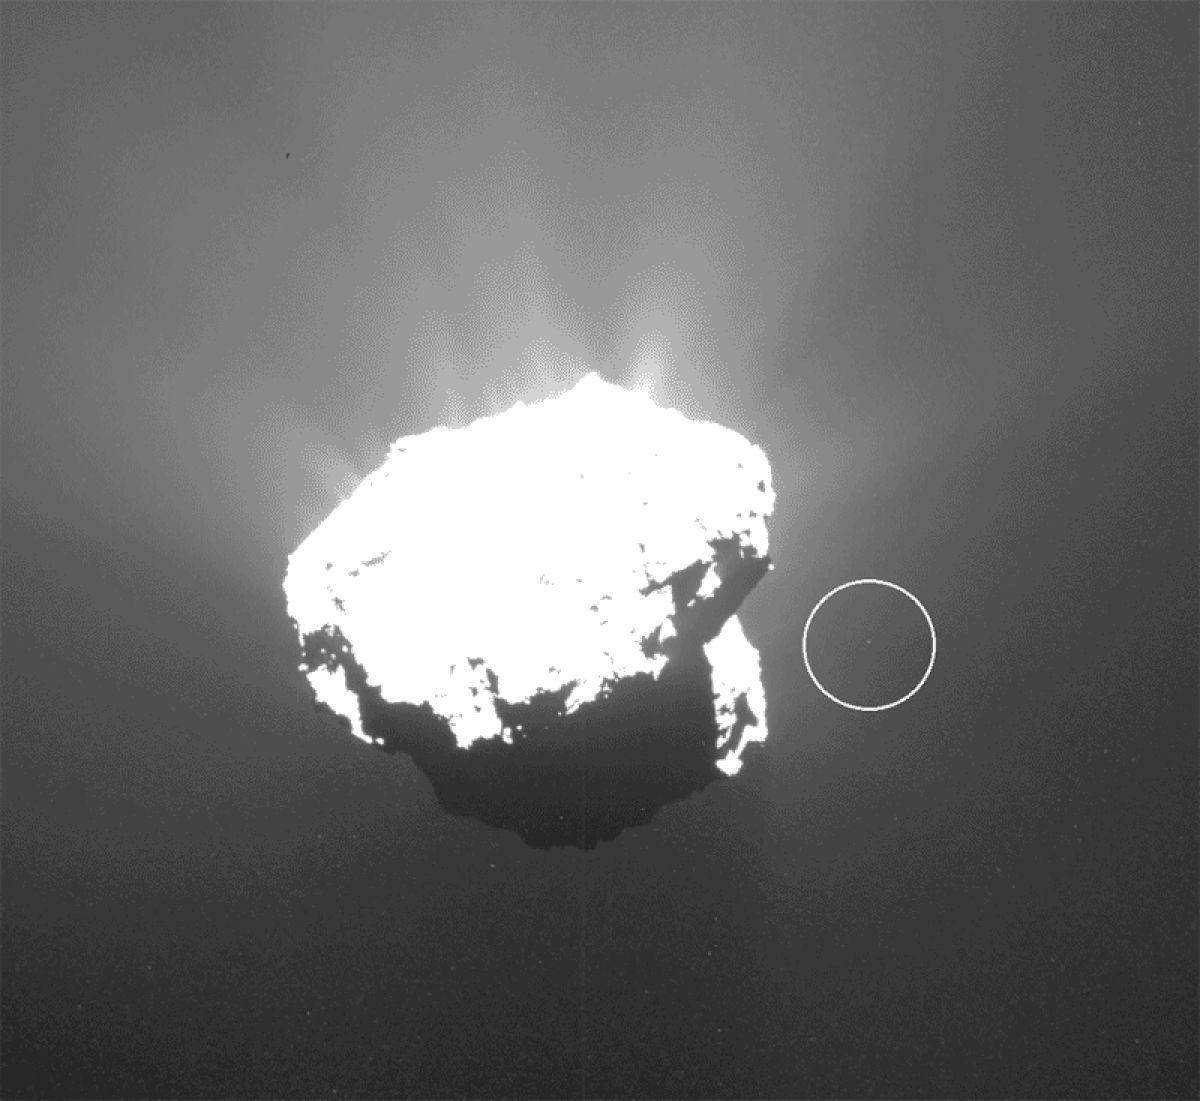 Рядом с кометой 67P/Чурюмова–Герасименко обнаружен странный объект